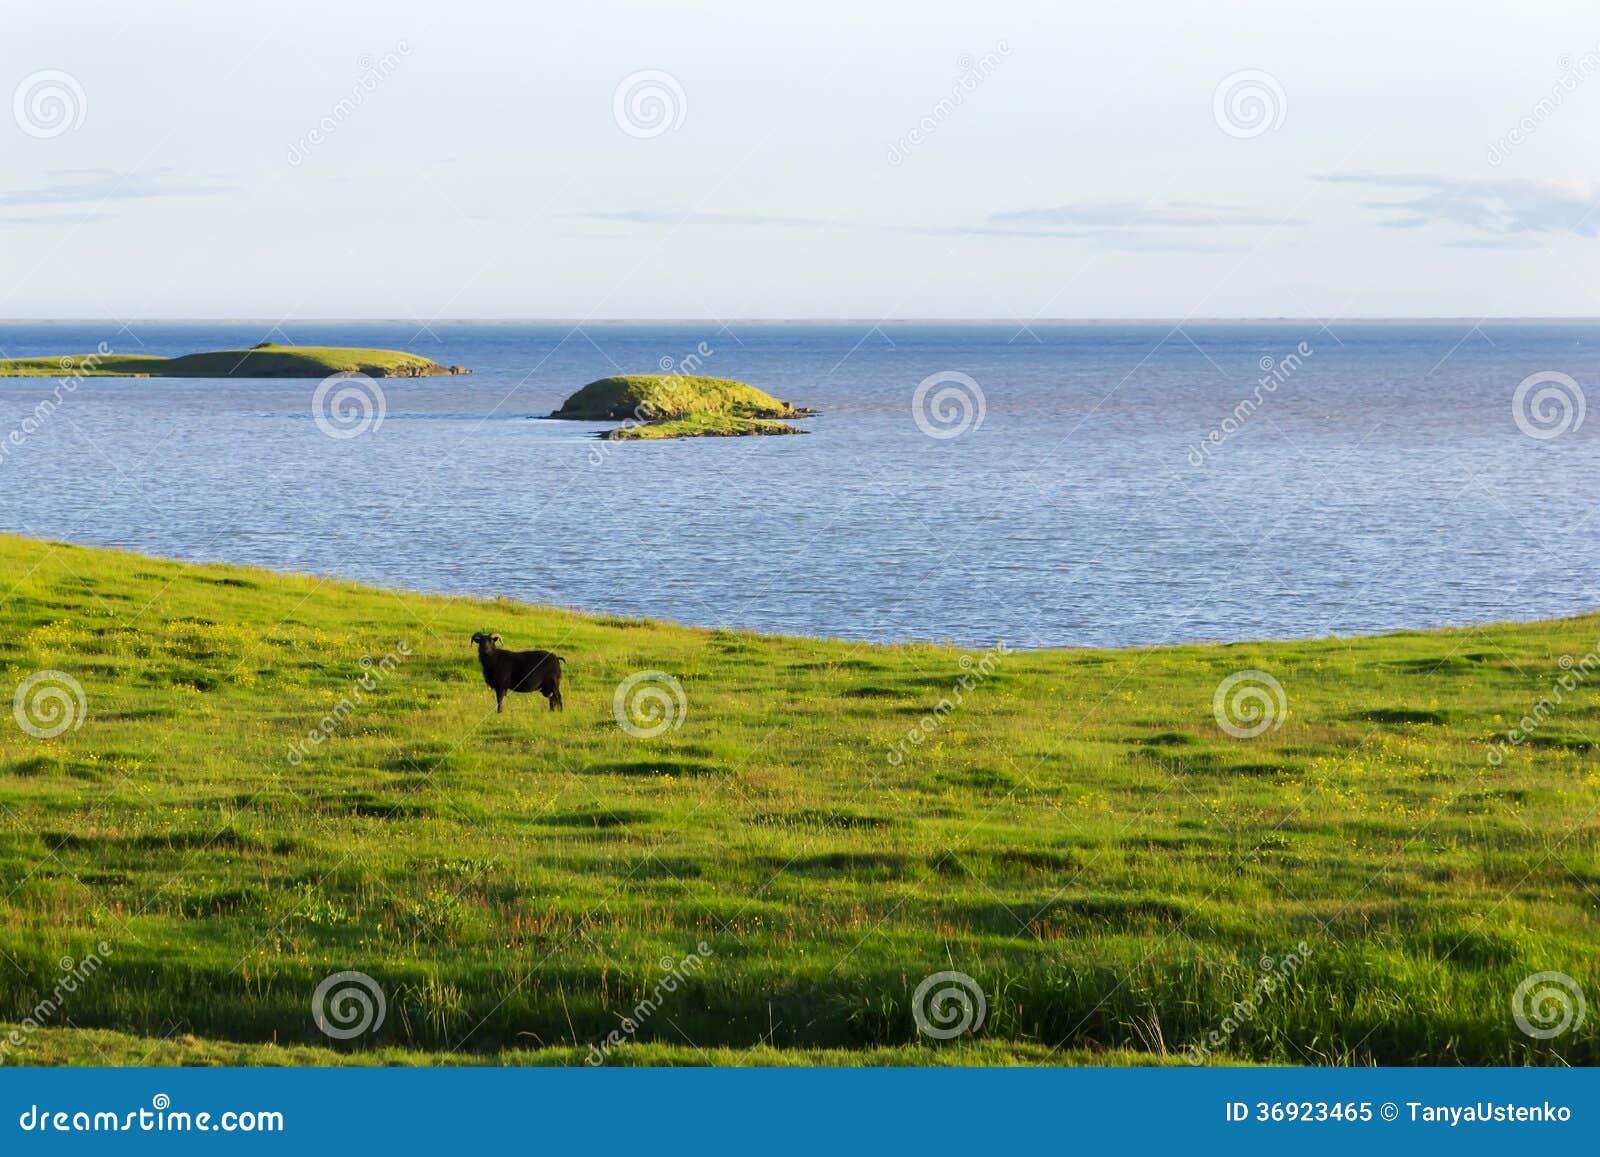 Iceland lata krajobraz. Kózka na dennym wybrzeżu w łąkach